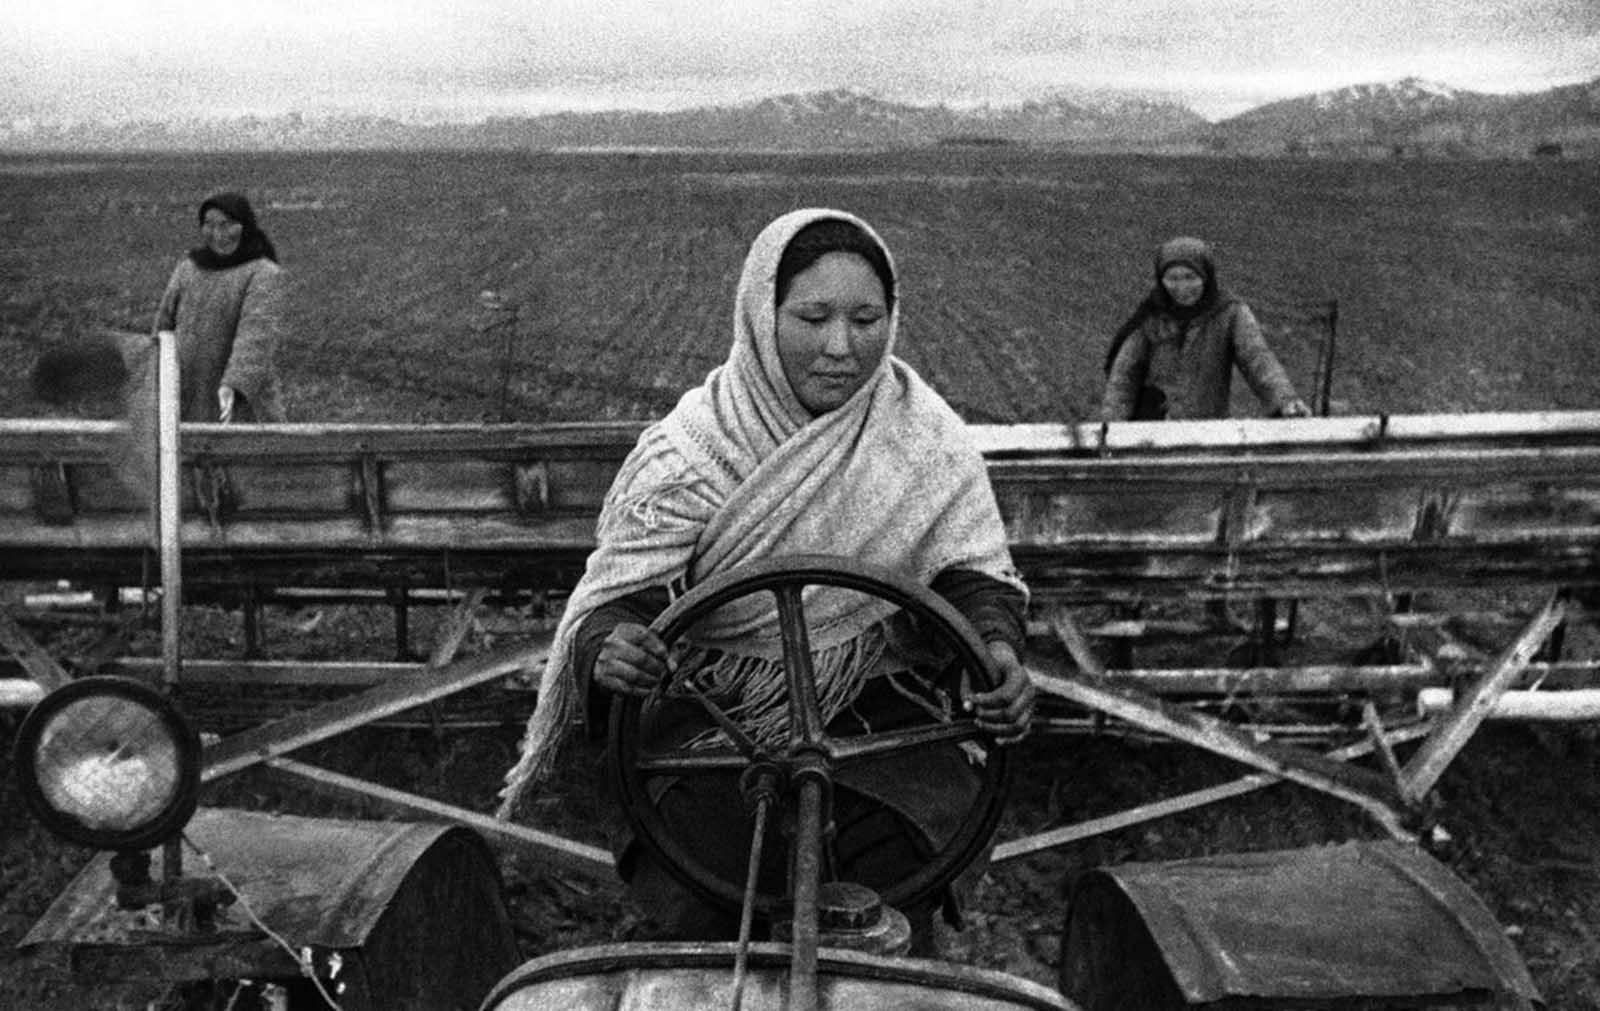 26 август 1942 г., Киргизстан: Жени поемат работата на своите бащи, братя и съпрузи, изпратени на фронта.